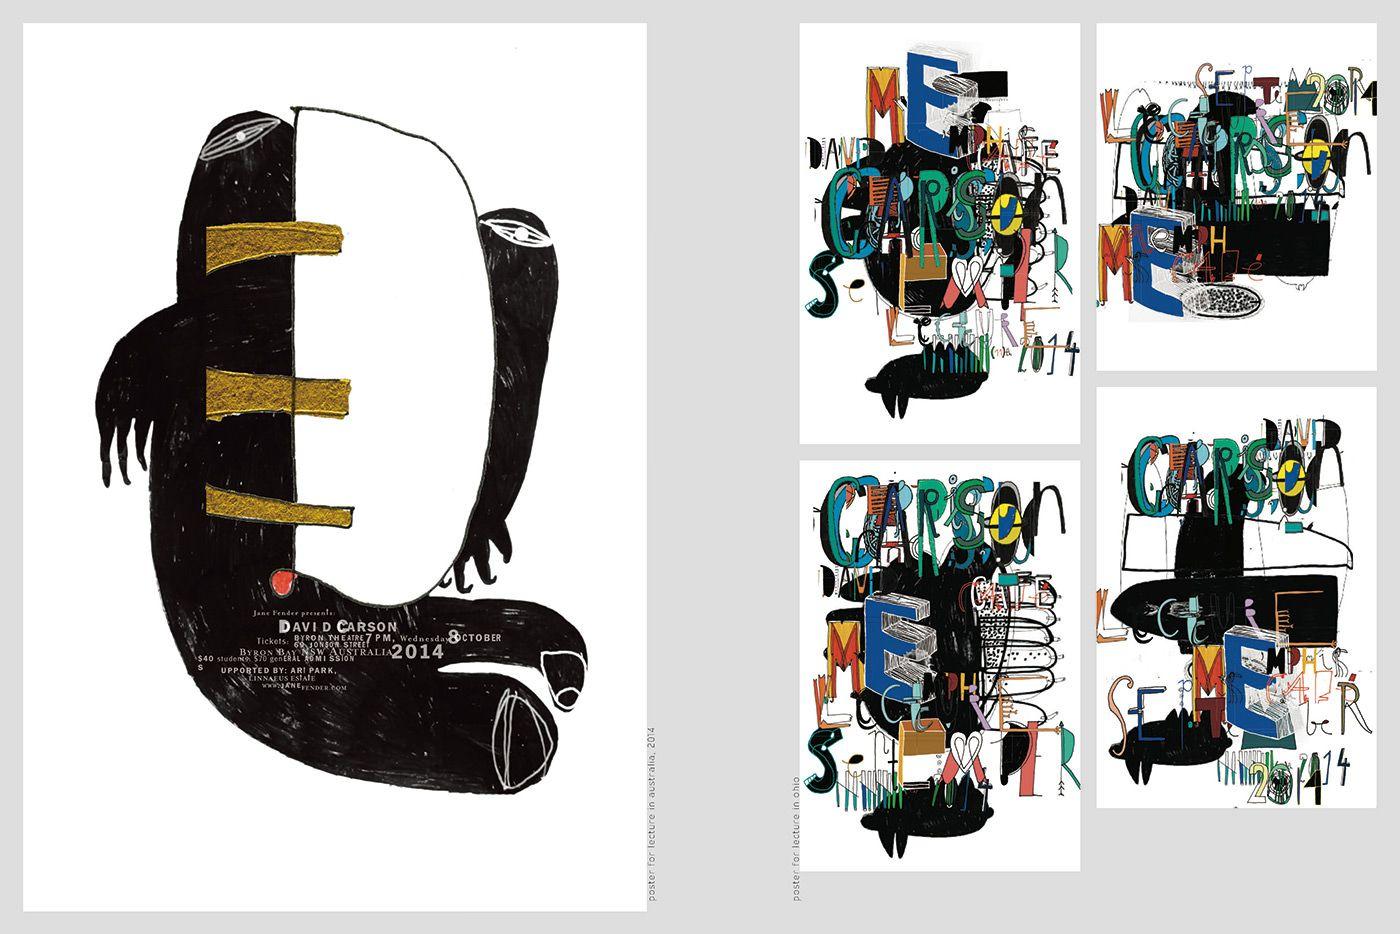 David carson design david carson